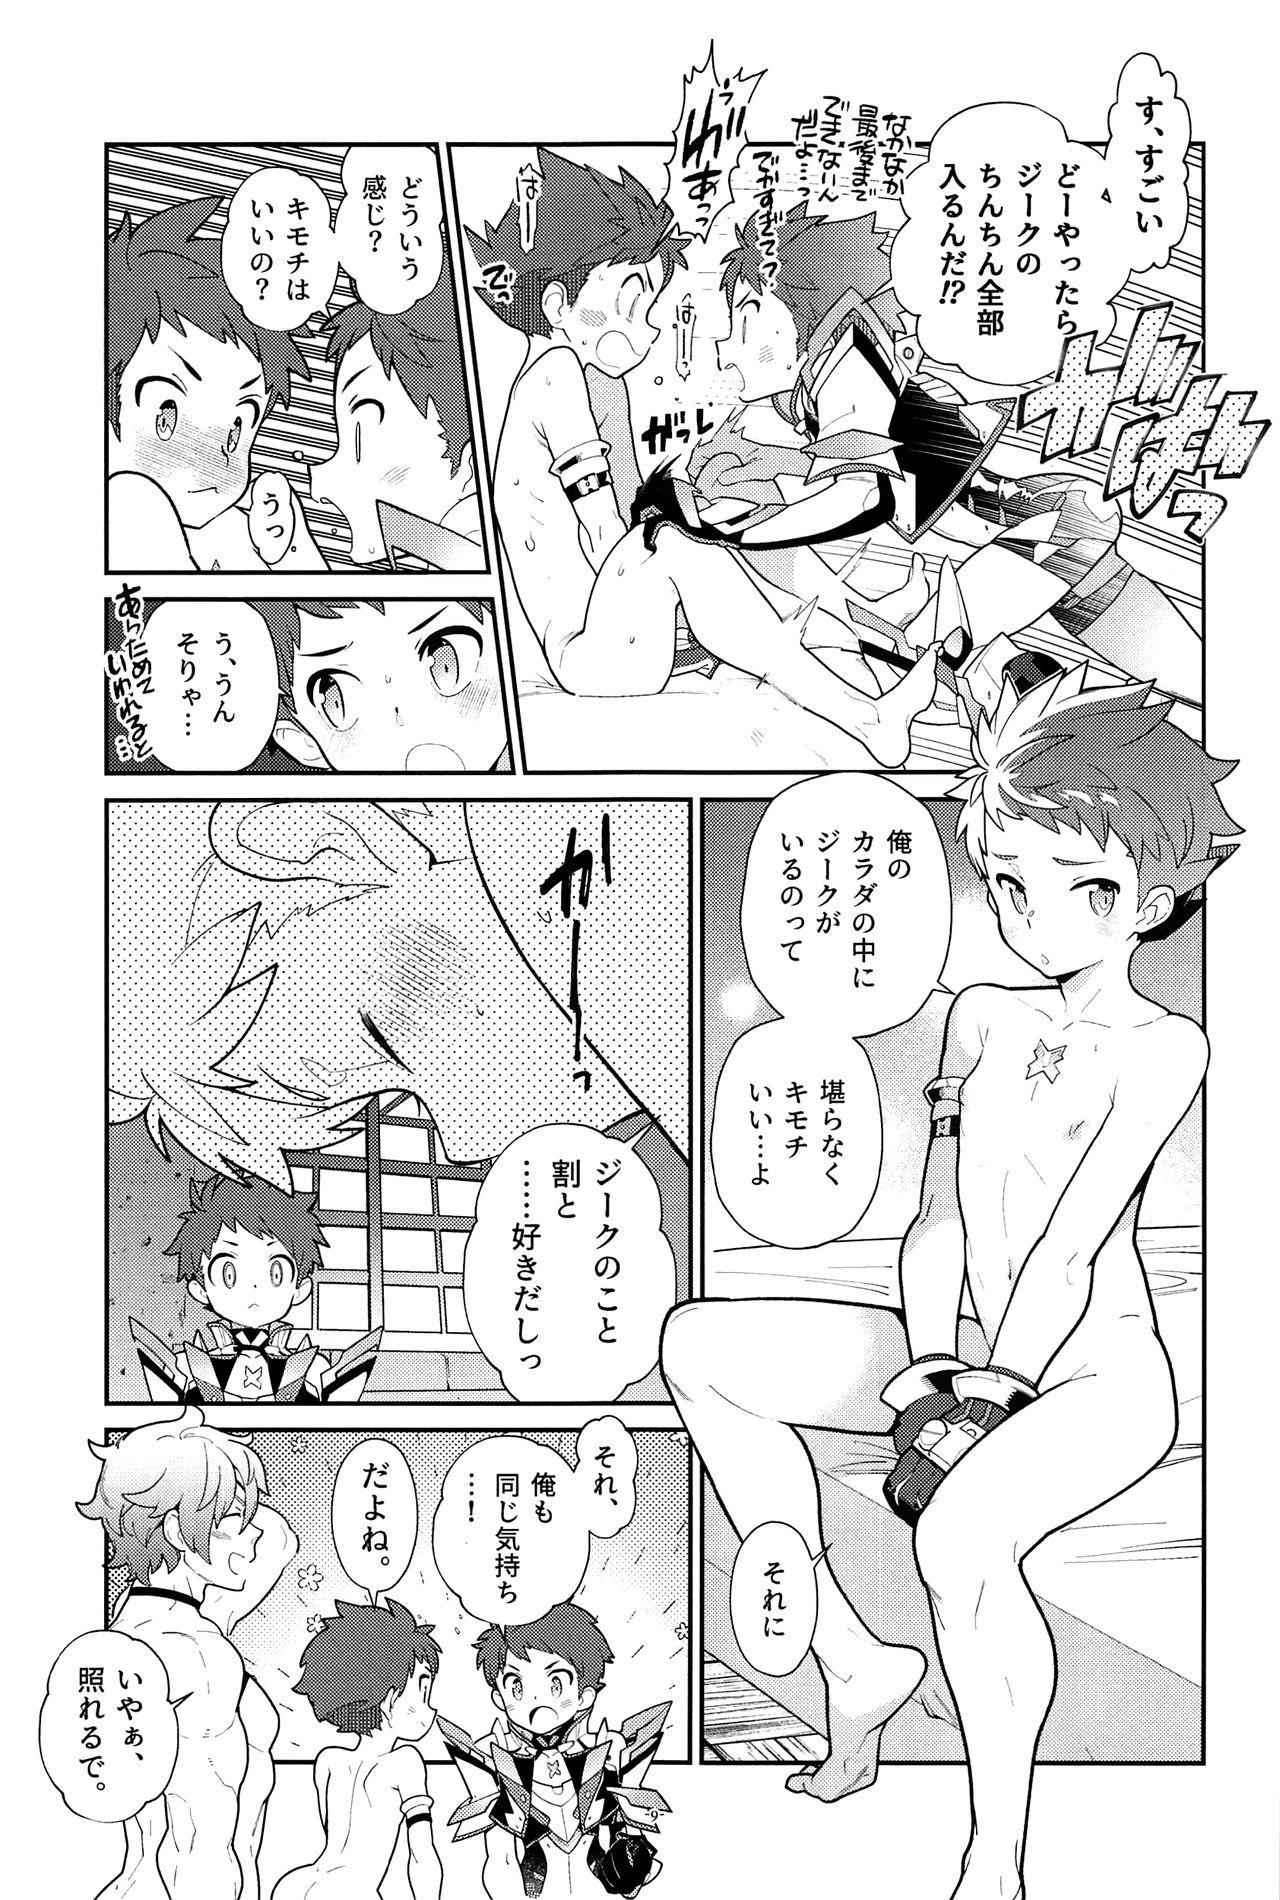 Zeke to Rex ga Ichaicha Shiteitara, Rex ga Kitanode Matomete Ichaicha Shita. 9